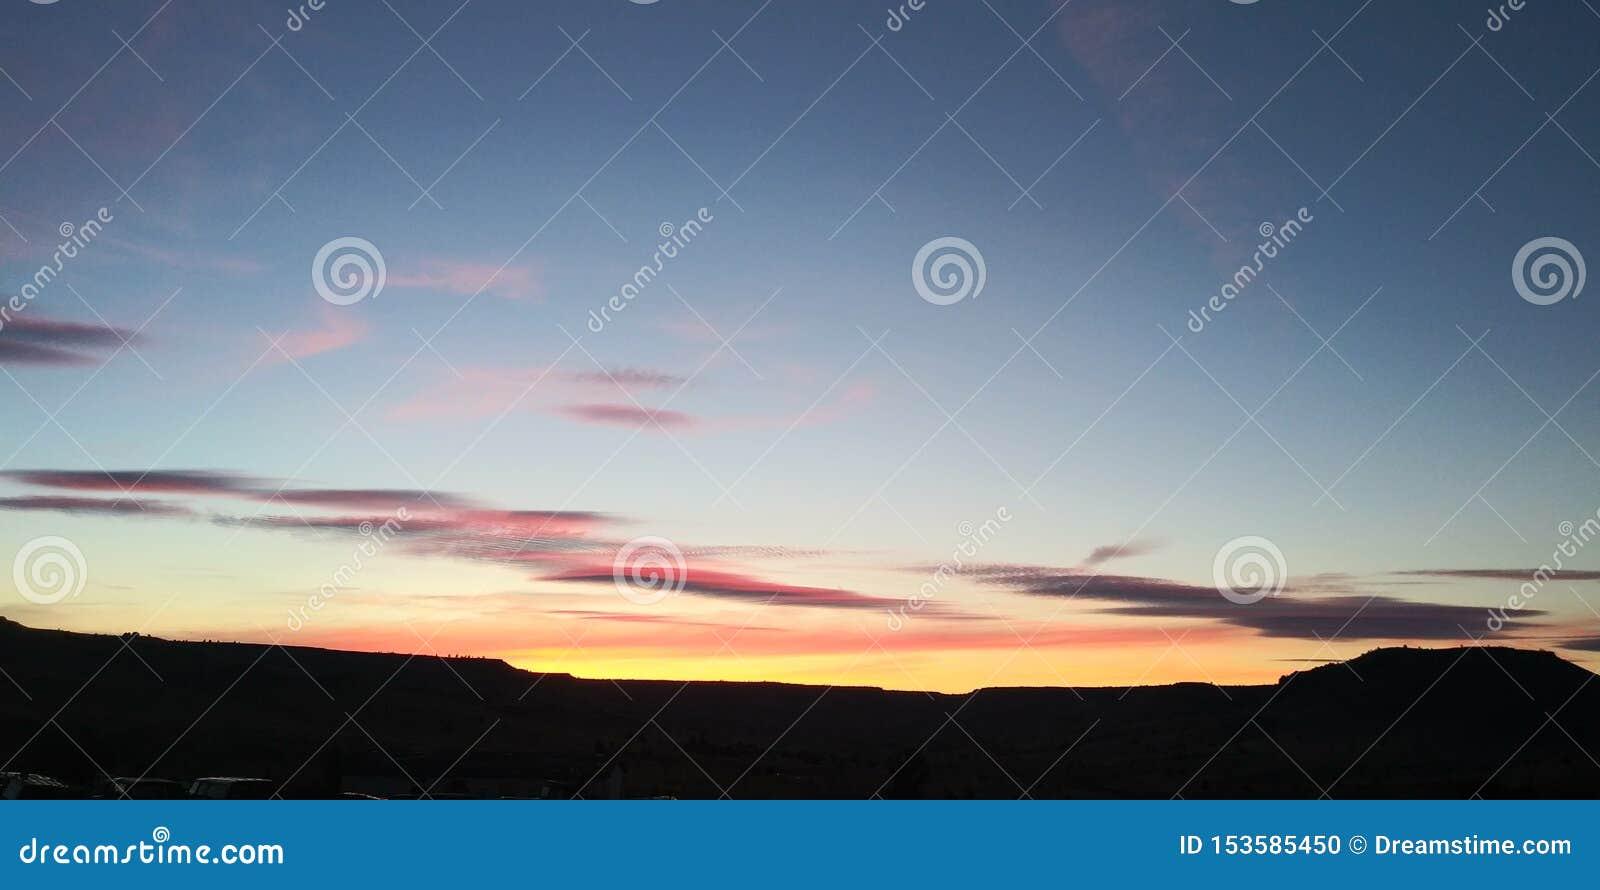 северозапад природы заходов солнца красивый